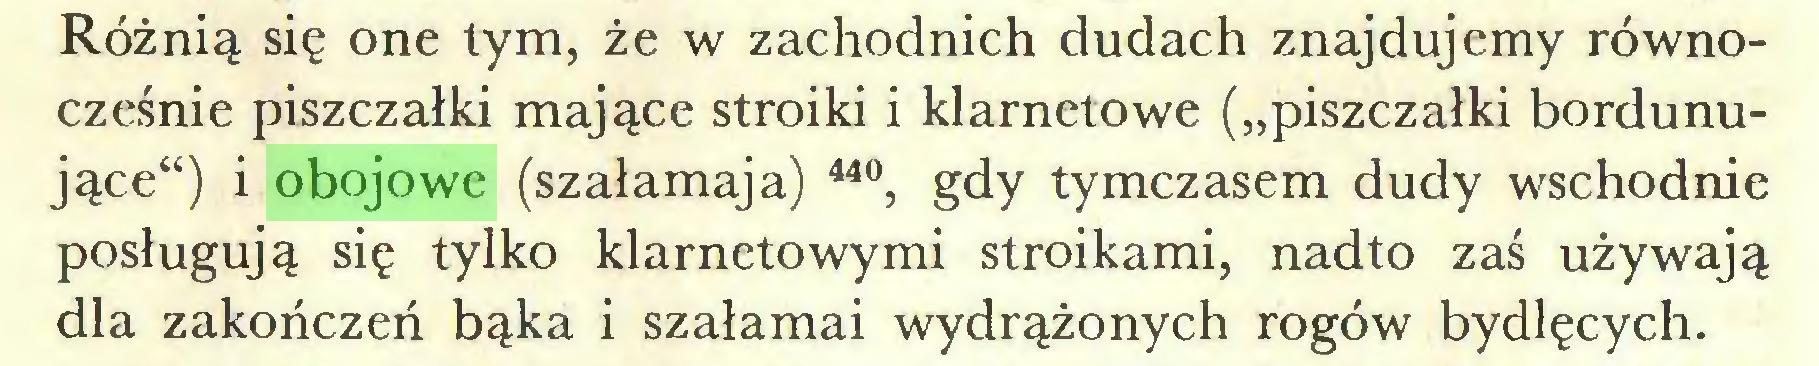 """(...) Różnią się one tym, że w zachodnich dudach znajdujemy równocześnie piszczałki mające stroiki i klarnetowe (""""piszczałki bordunujące"""") i obojowe (szałamaja) 44°, gdy tymczasem dudy wschodnie posługują się tylko klarnetowymi stroikami, nadto zaś używają dla zakończeń bąka i szałamai wydrążonych rogów bydlęcych..."""